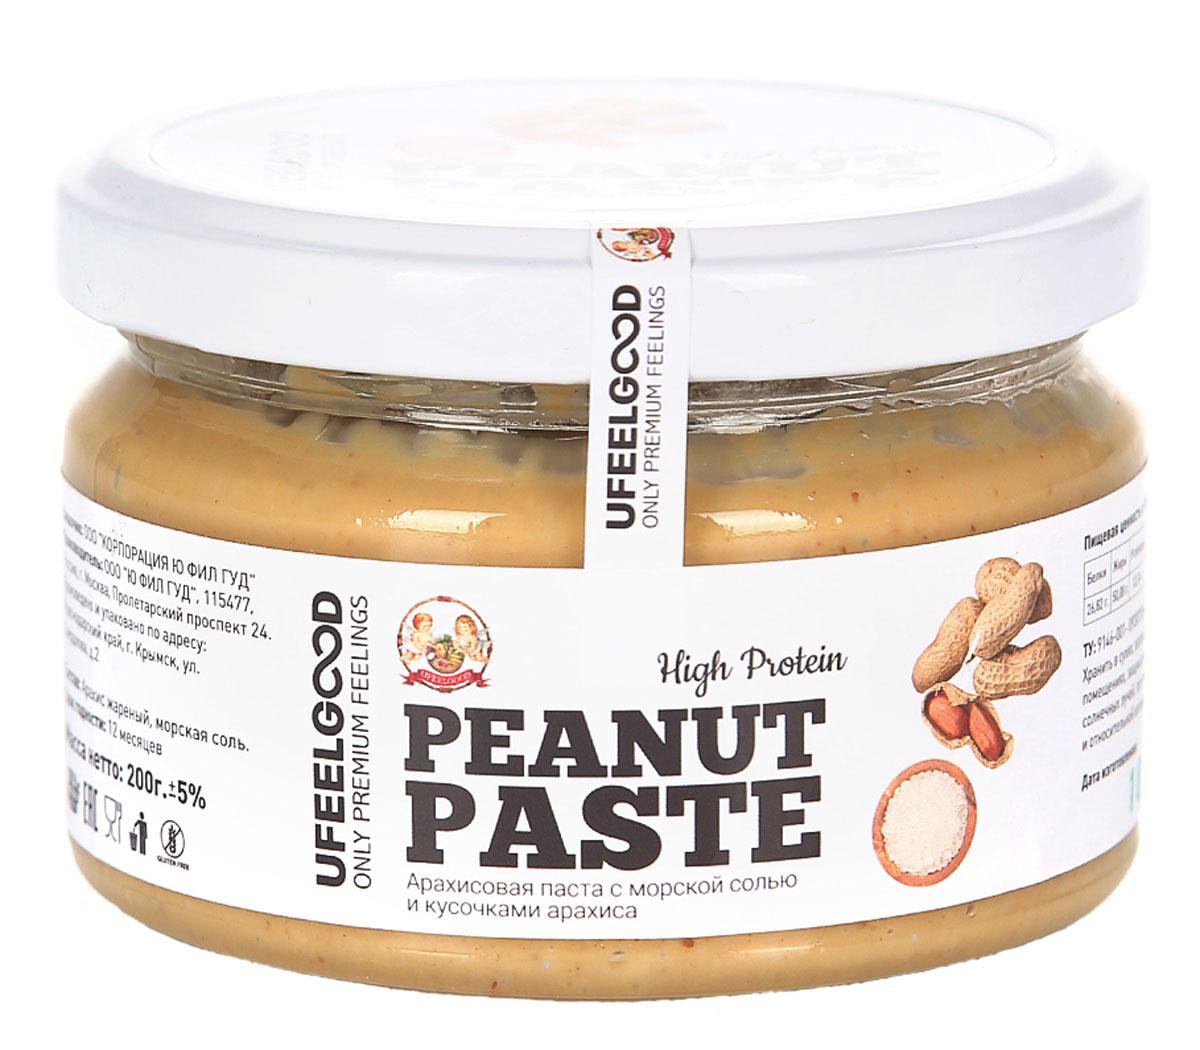 UFEELGOOD арахисовая паста с морской солью и кусочками арахиса, 200 г0120710Арахисовая паста UFEELGOOD с морской солью и кусочками арахиса является вкусным и натуральным источником полезного для здоровья белка, углеводов и жиров.Арахисовая паста способствует понижению уровня холестерина в крови; понижению риска сердечно-сосудистых заболеваний; обладает противовоспалительным действием.